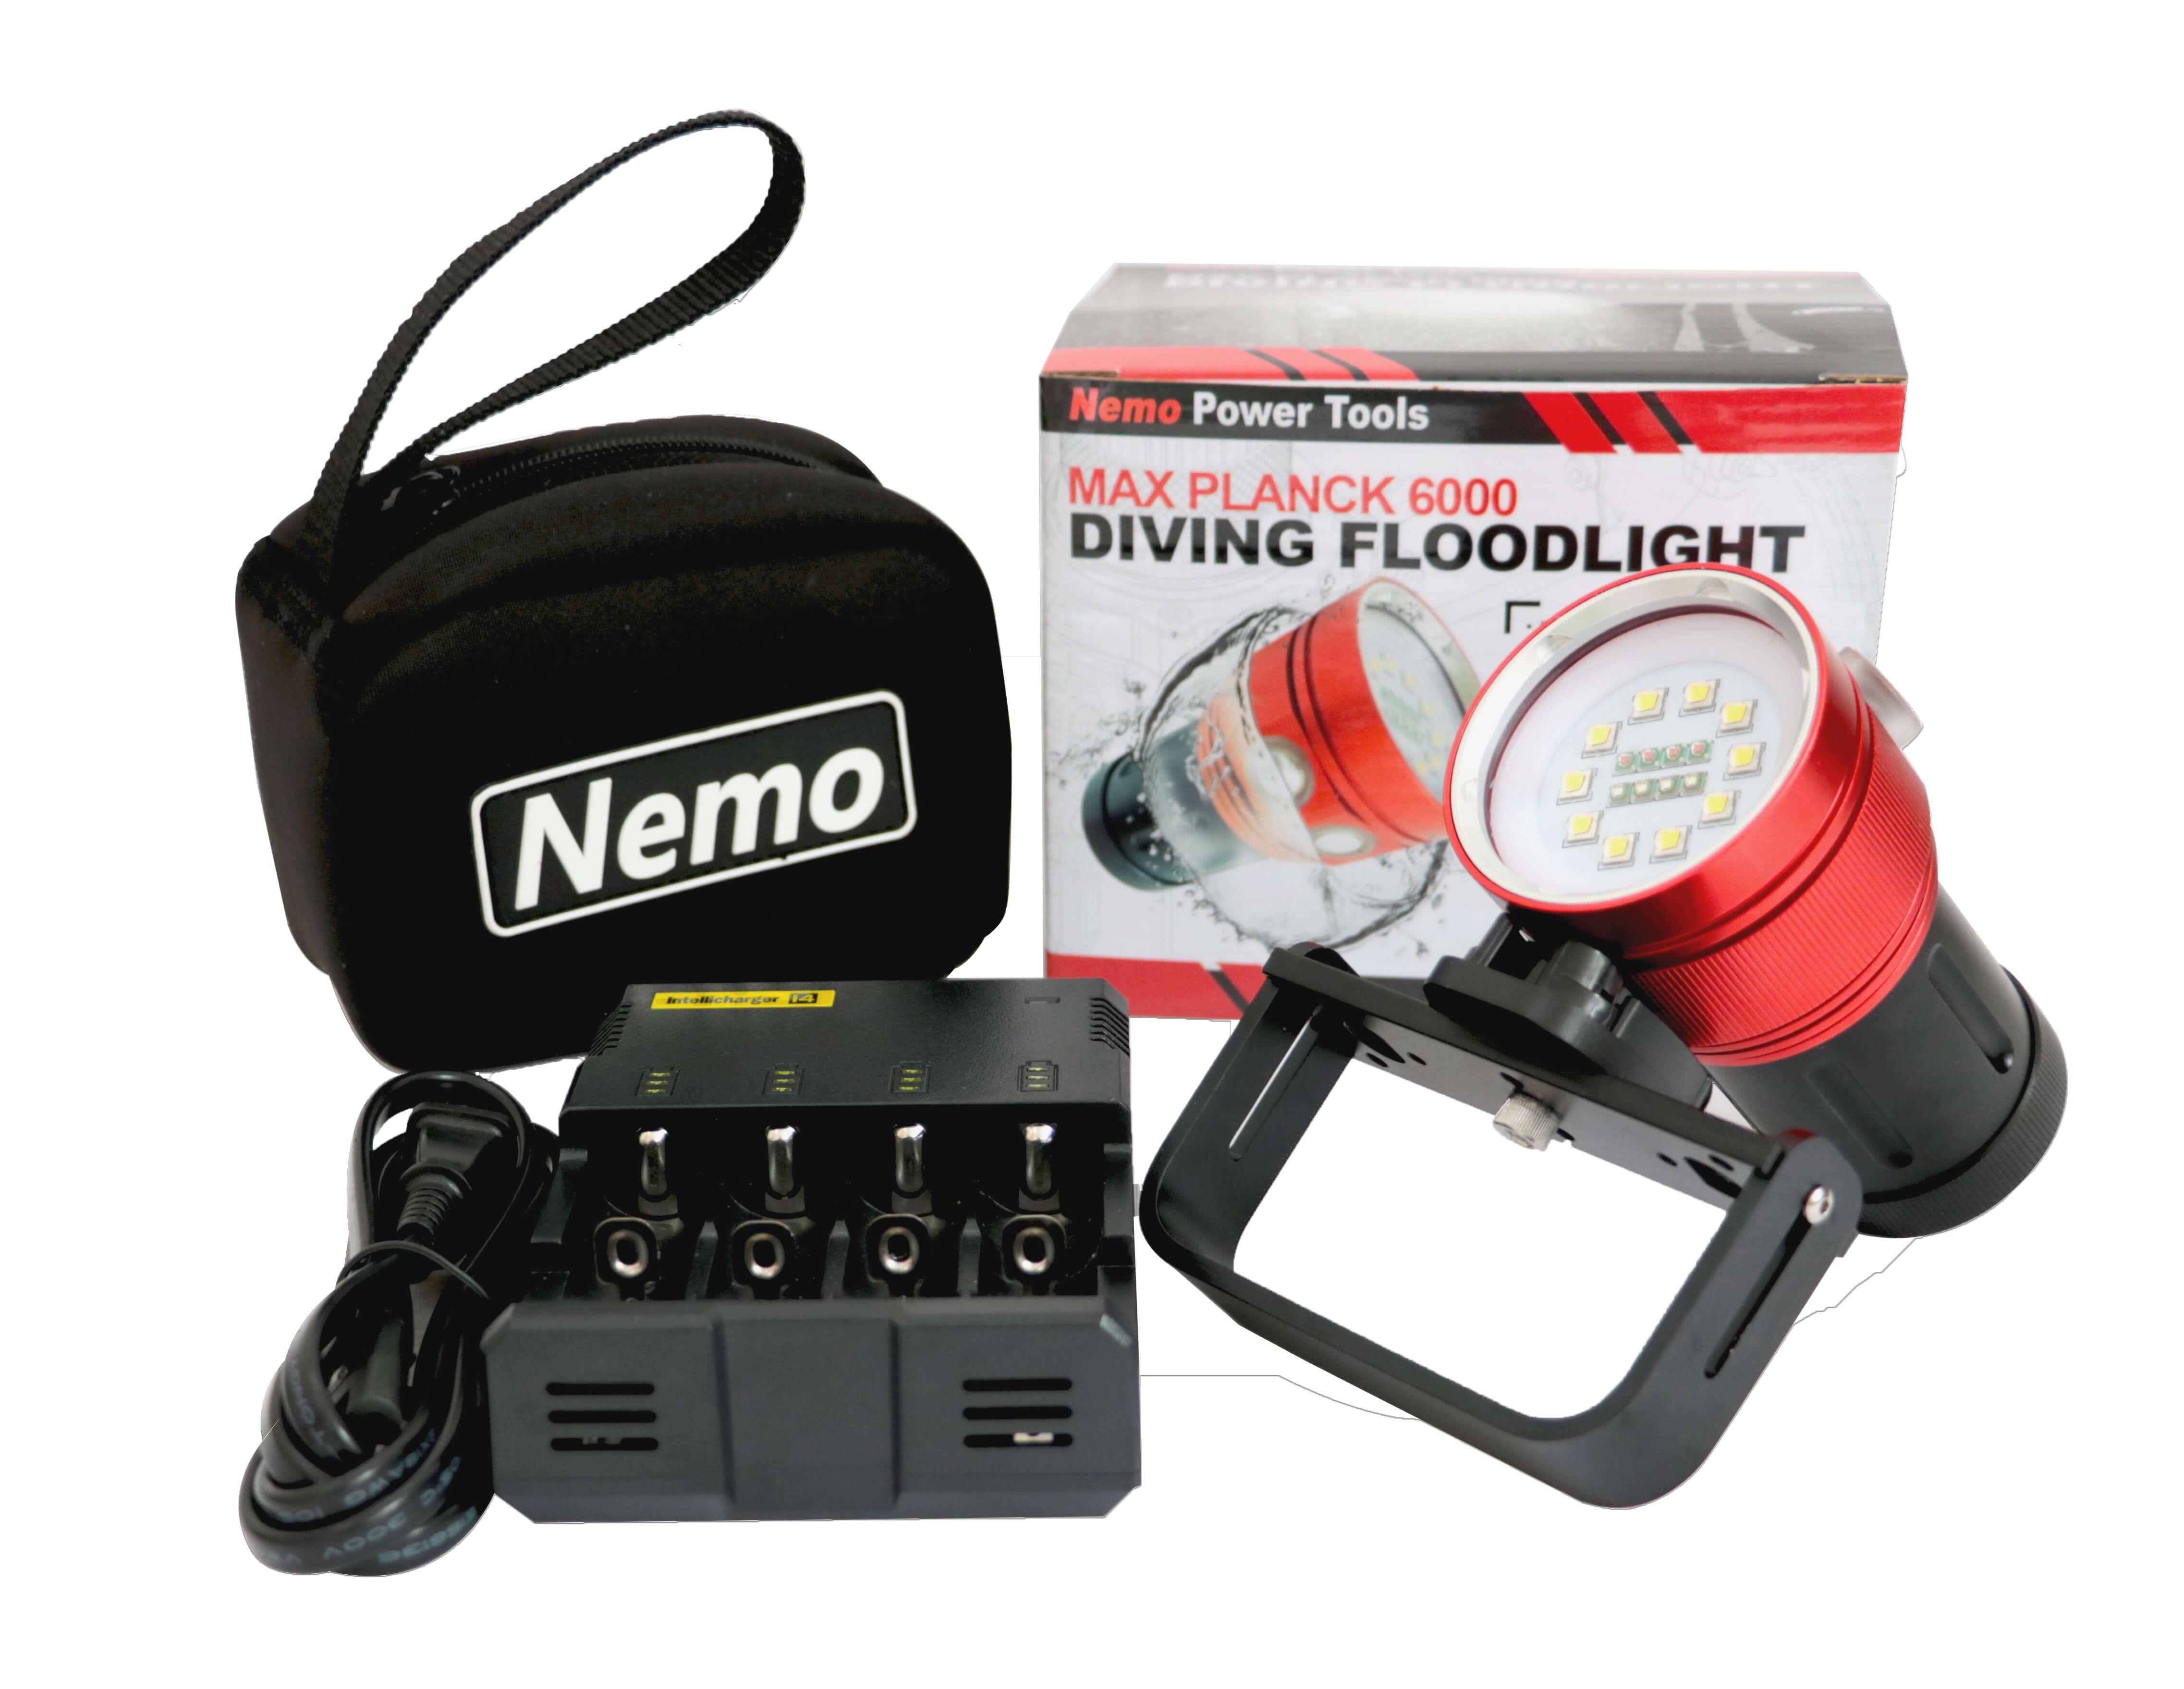 Nemo commercial diving floodlight nemo power tools diving into nemo commercial diving floodlight nemo power tools aloadofball Images